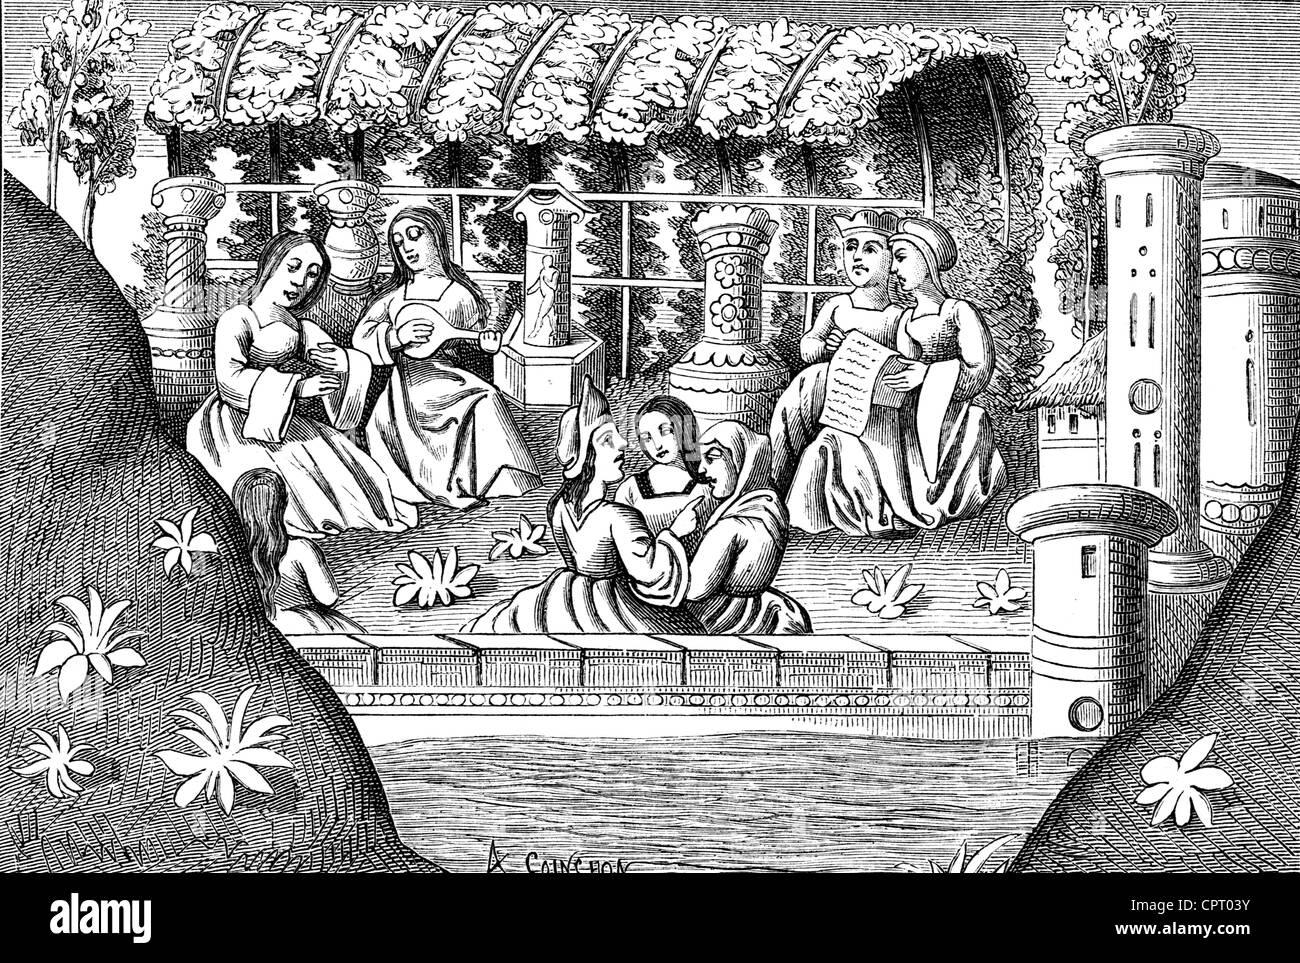 Polo, Marco, ca. 1254 - 8.1.1324, venezianischer Kaufmann, Alamond Burg und ihrer Bewohner, mittelalterliche Miniatur Stockbild